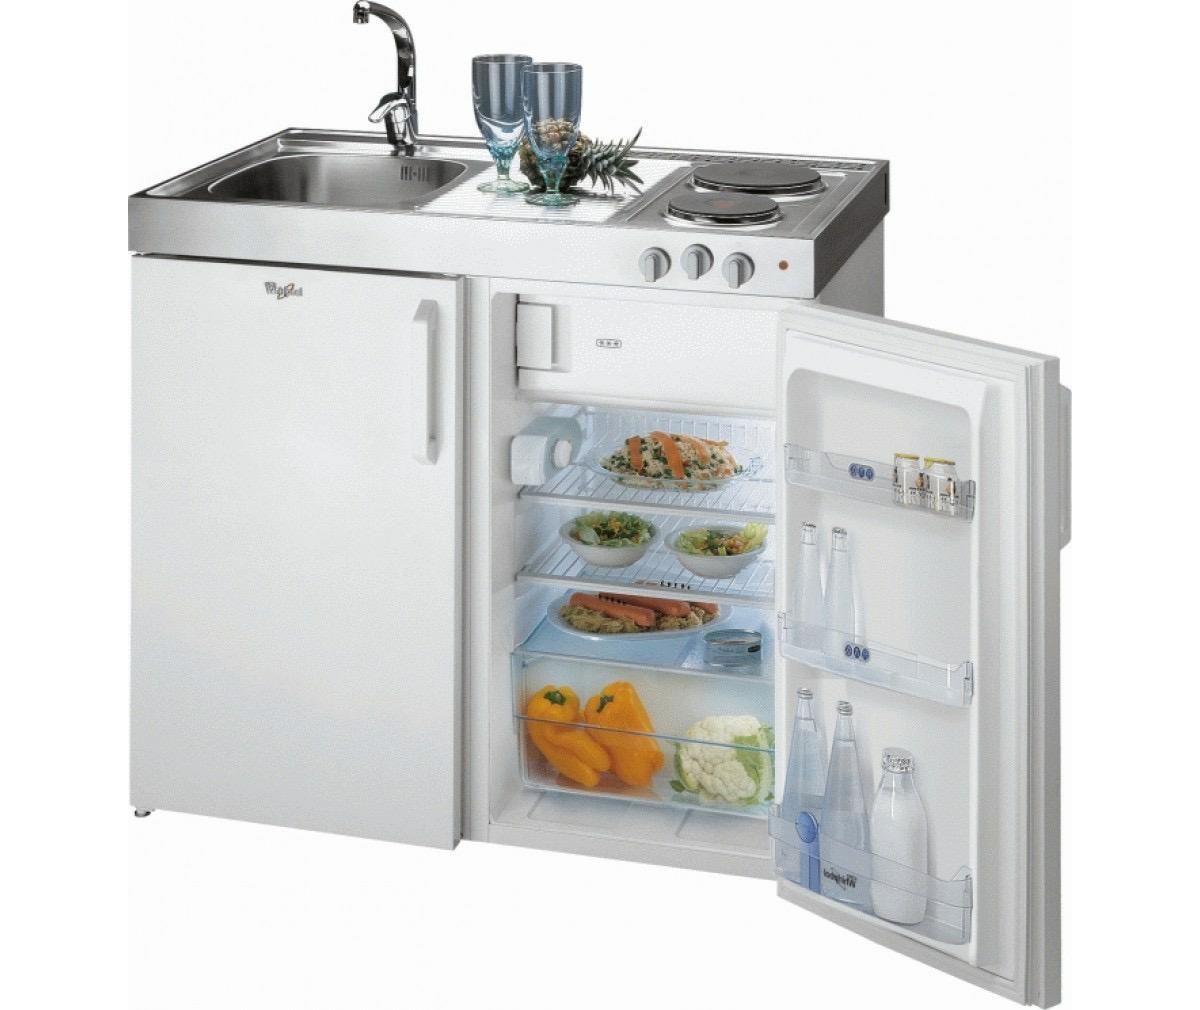 kitchenette Whirlpool Promotoren ART316DTHA kitchenette